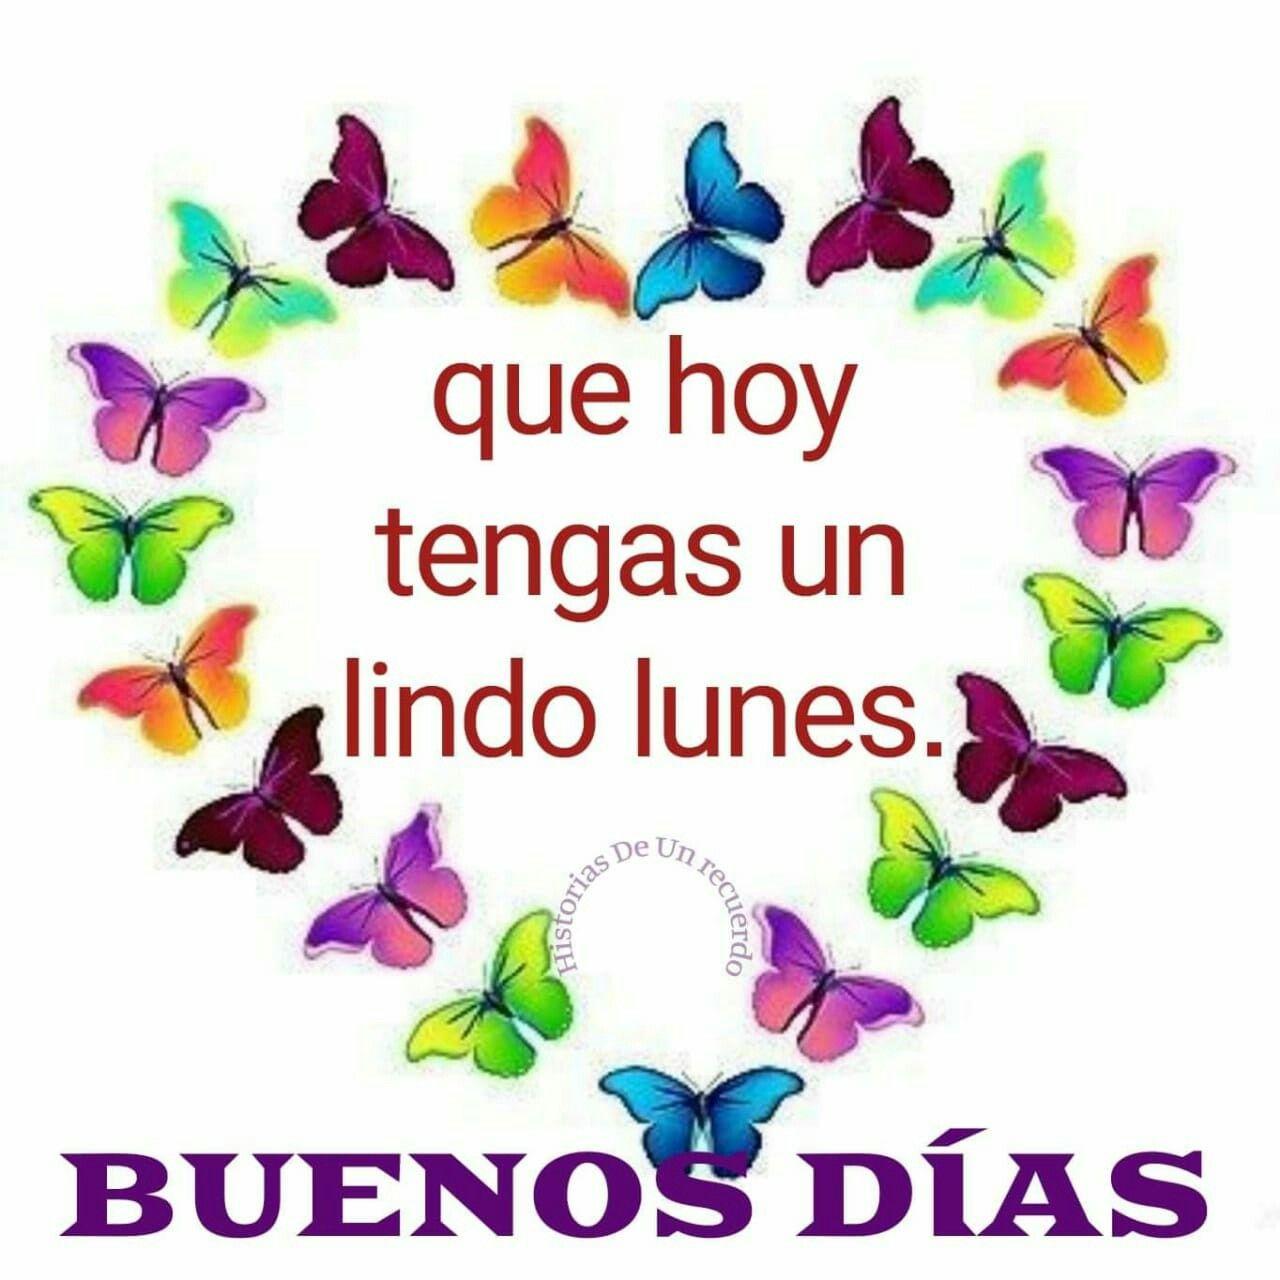 Bonito Lunes Mi Amor ♡que hoy tengas un lindo lunes ¡buenos días!♡ (con